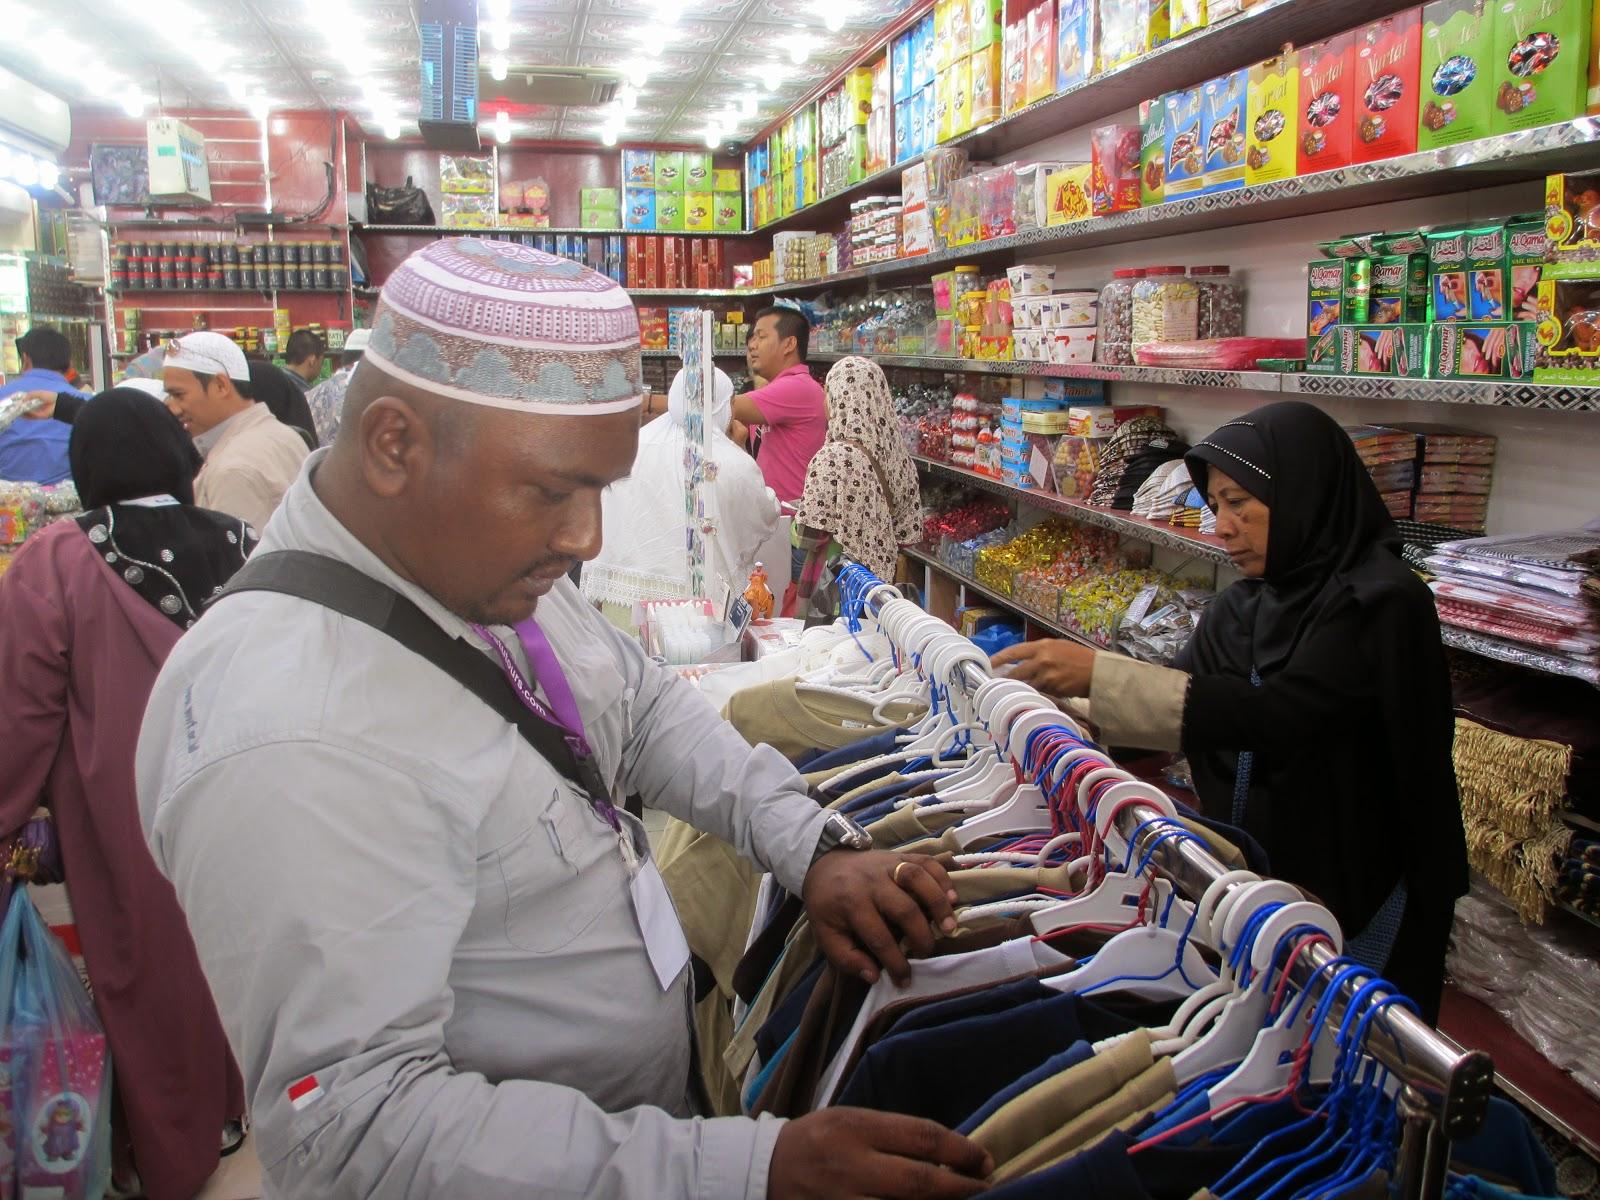 Biaya Umroh Desember 2014 Surabaya Aman Nyaman dan Terpercaya